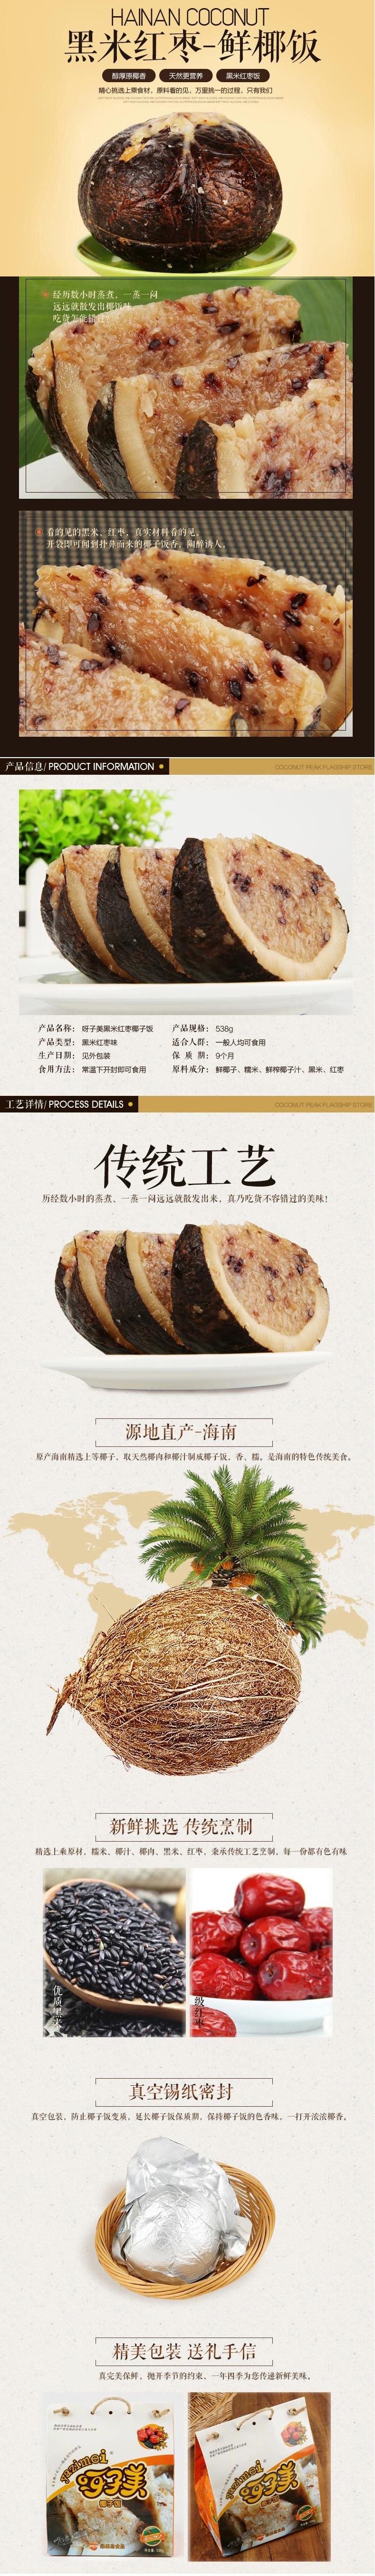 海南特产  黑米红枣味椰子饭538g即食蒸煮方便米饭特色休闲食品礼品